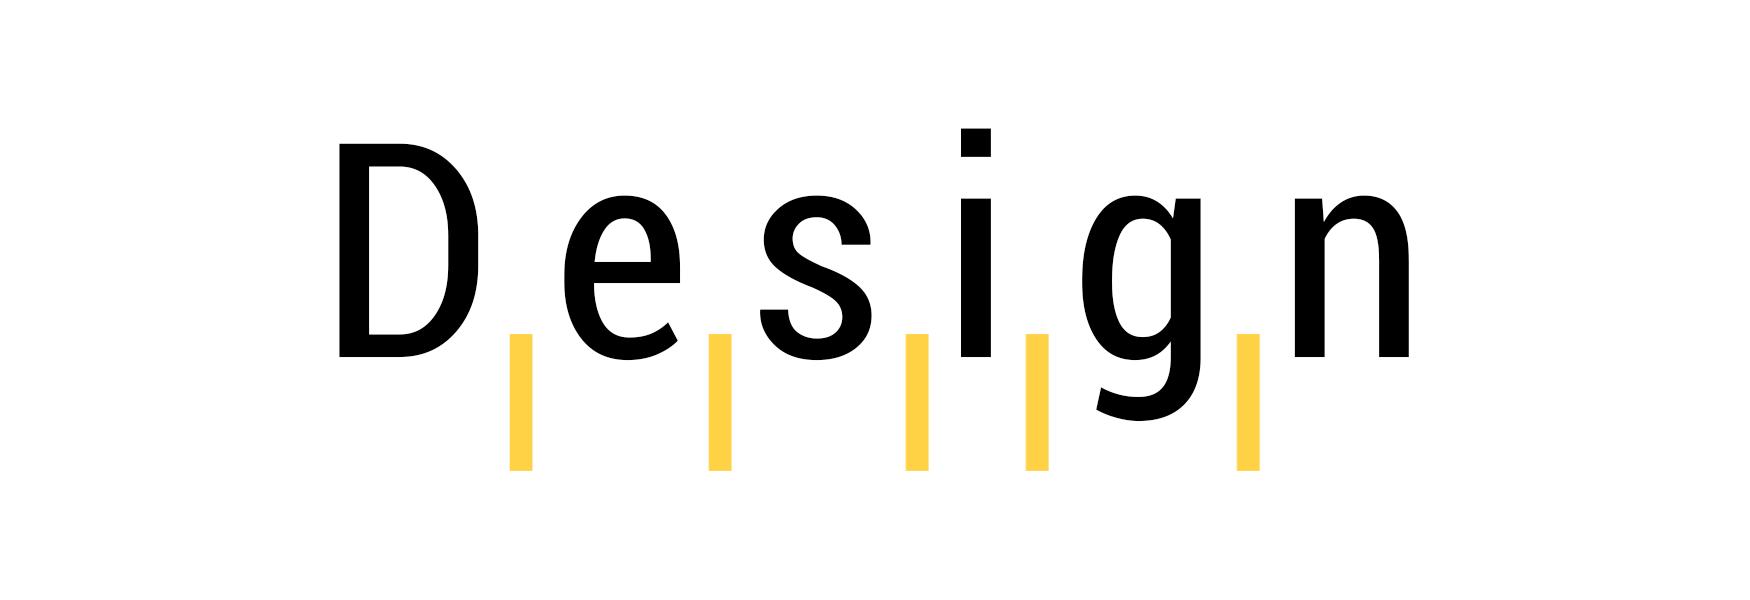 Designagentur-Stuttgart-Kreativbetrieb-Design-Lexikon-Spationierung-1